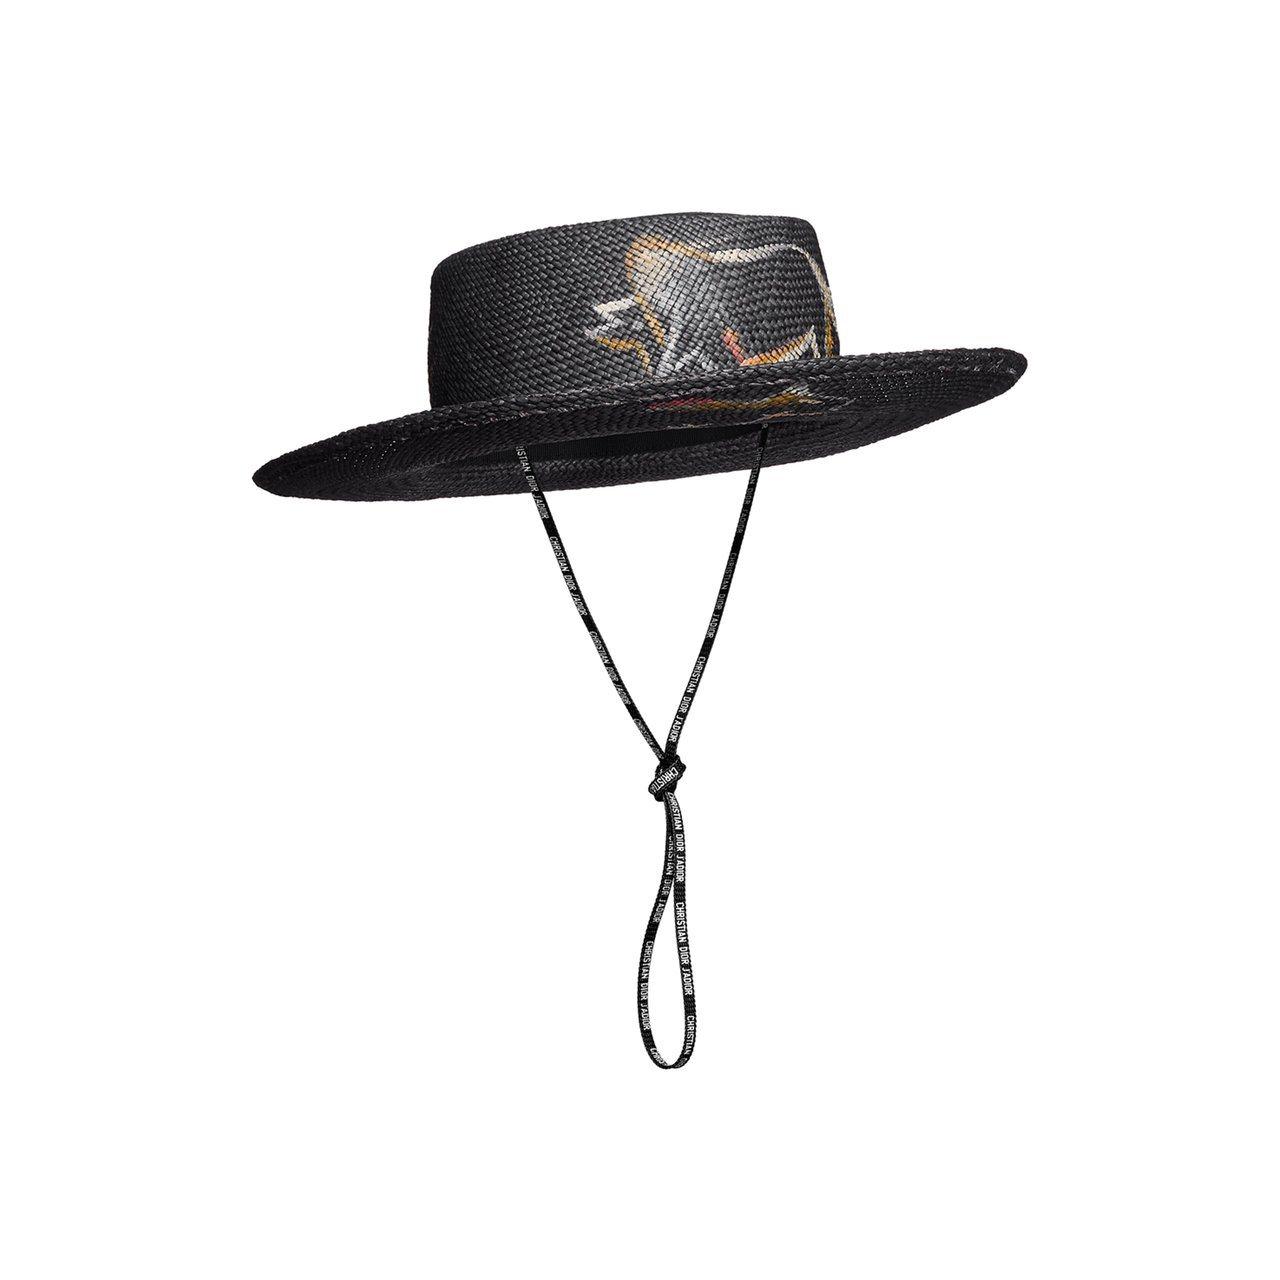 黑色手繪水牛圖騰草帽,售價36,000元。圖/Dior提供